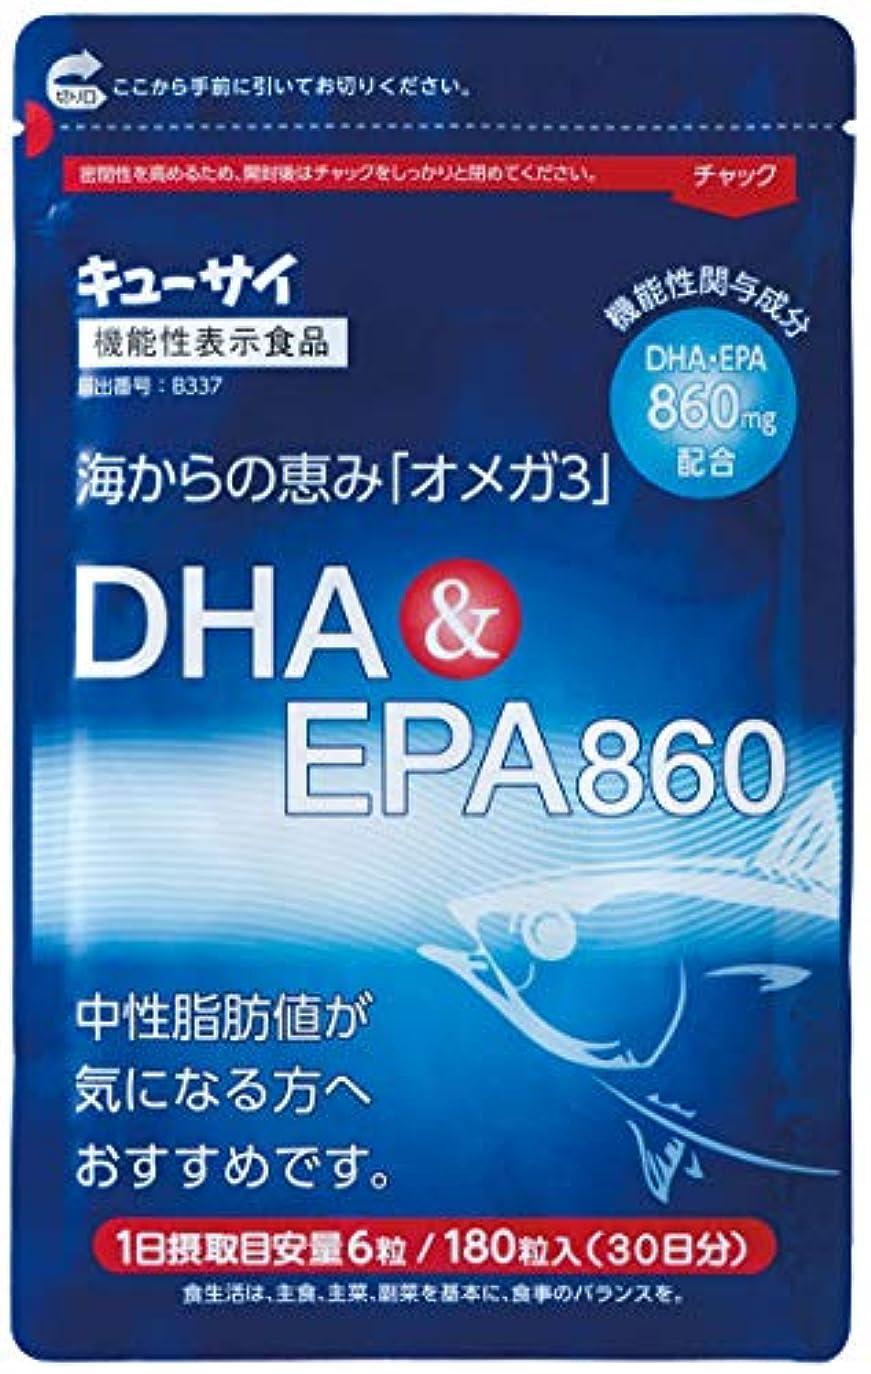 あいにくナプキン解明するキューサイ/DHA&EPA860/オメガ3/81.0g(450mg×180粒)(約30日分)/ソフトカプセルタイプ/機能性表示食品